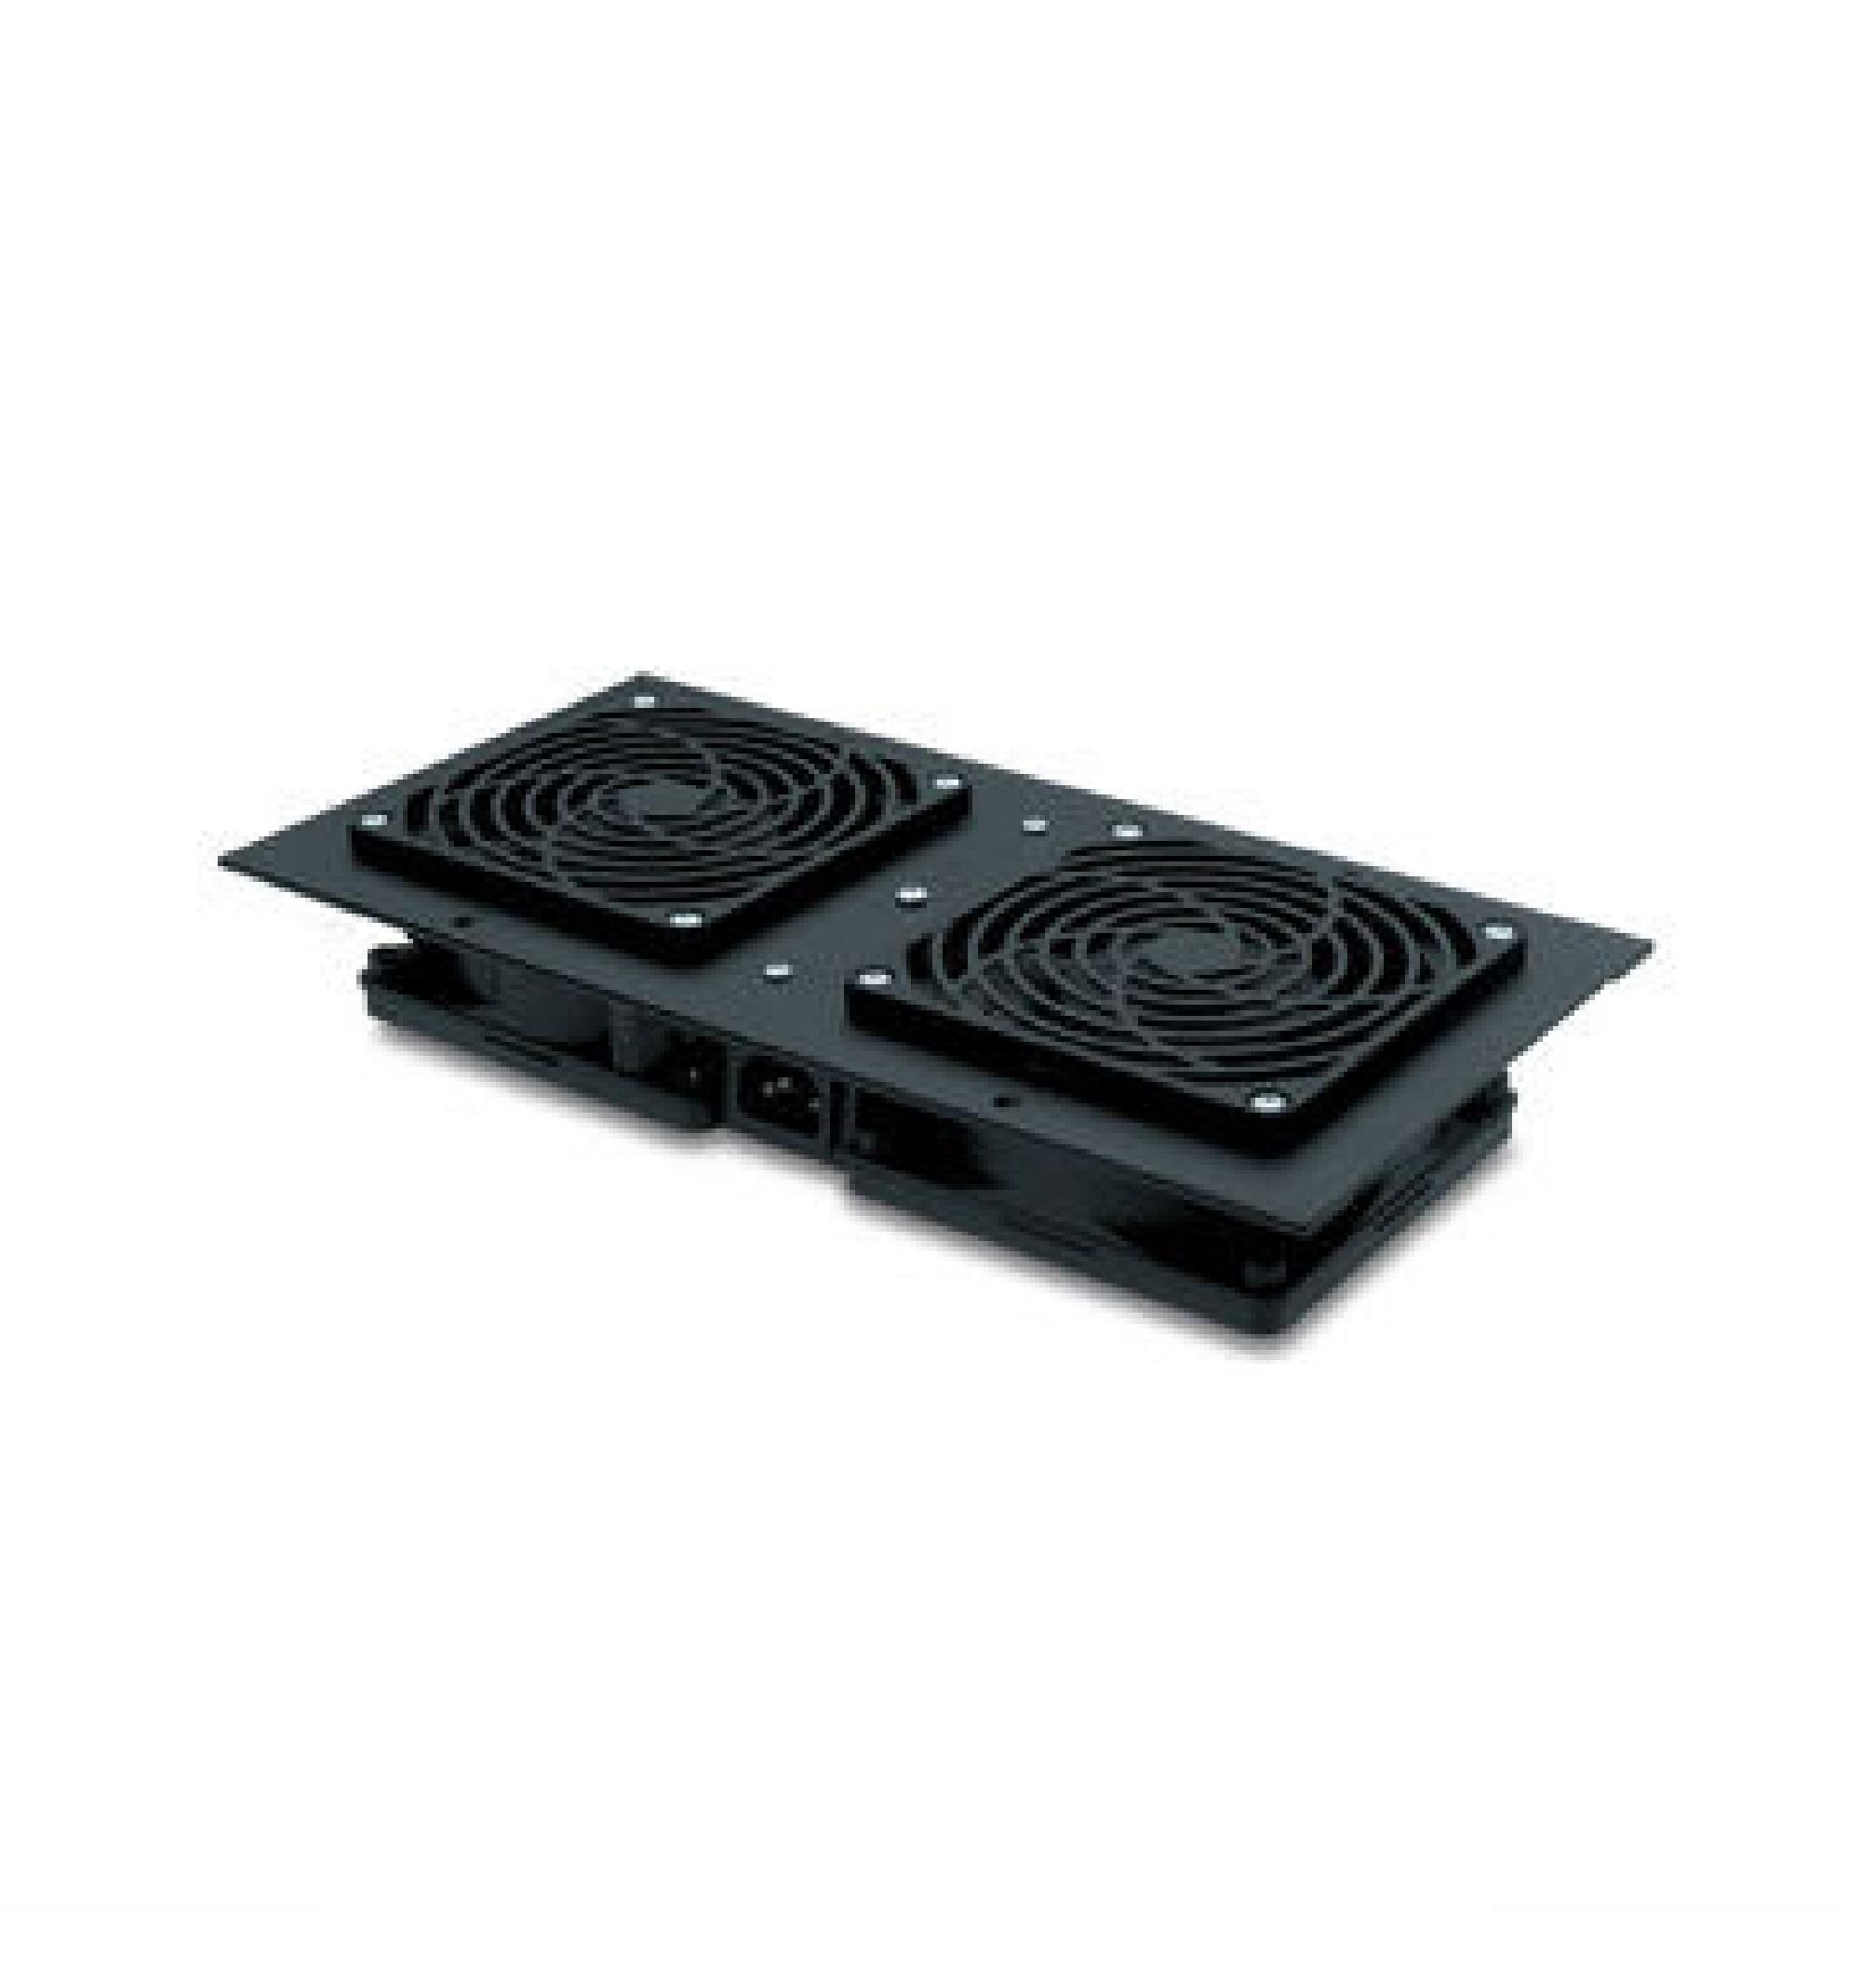 Bandeja para ventilador de teto 120 V 50/60 HZ para racks NetShelter WX